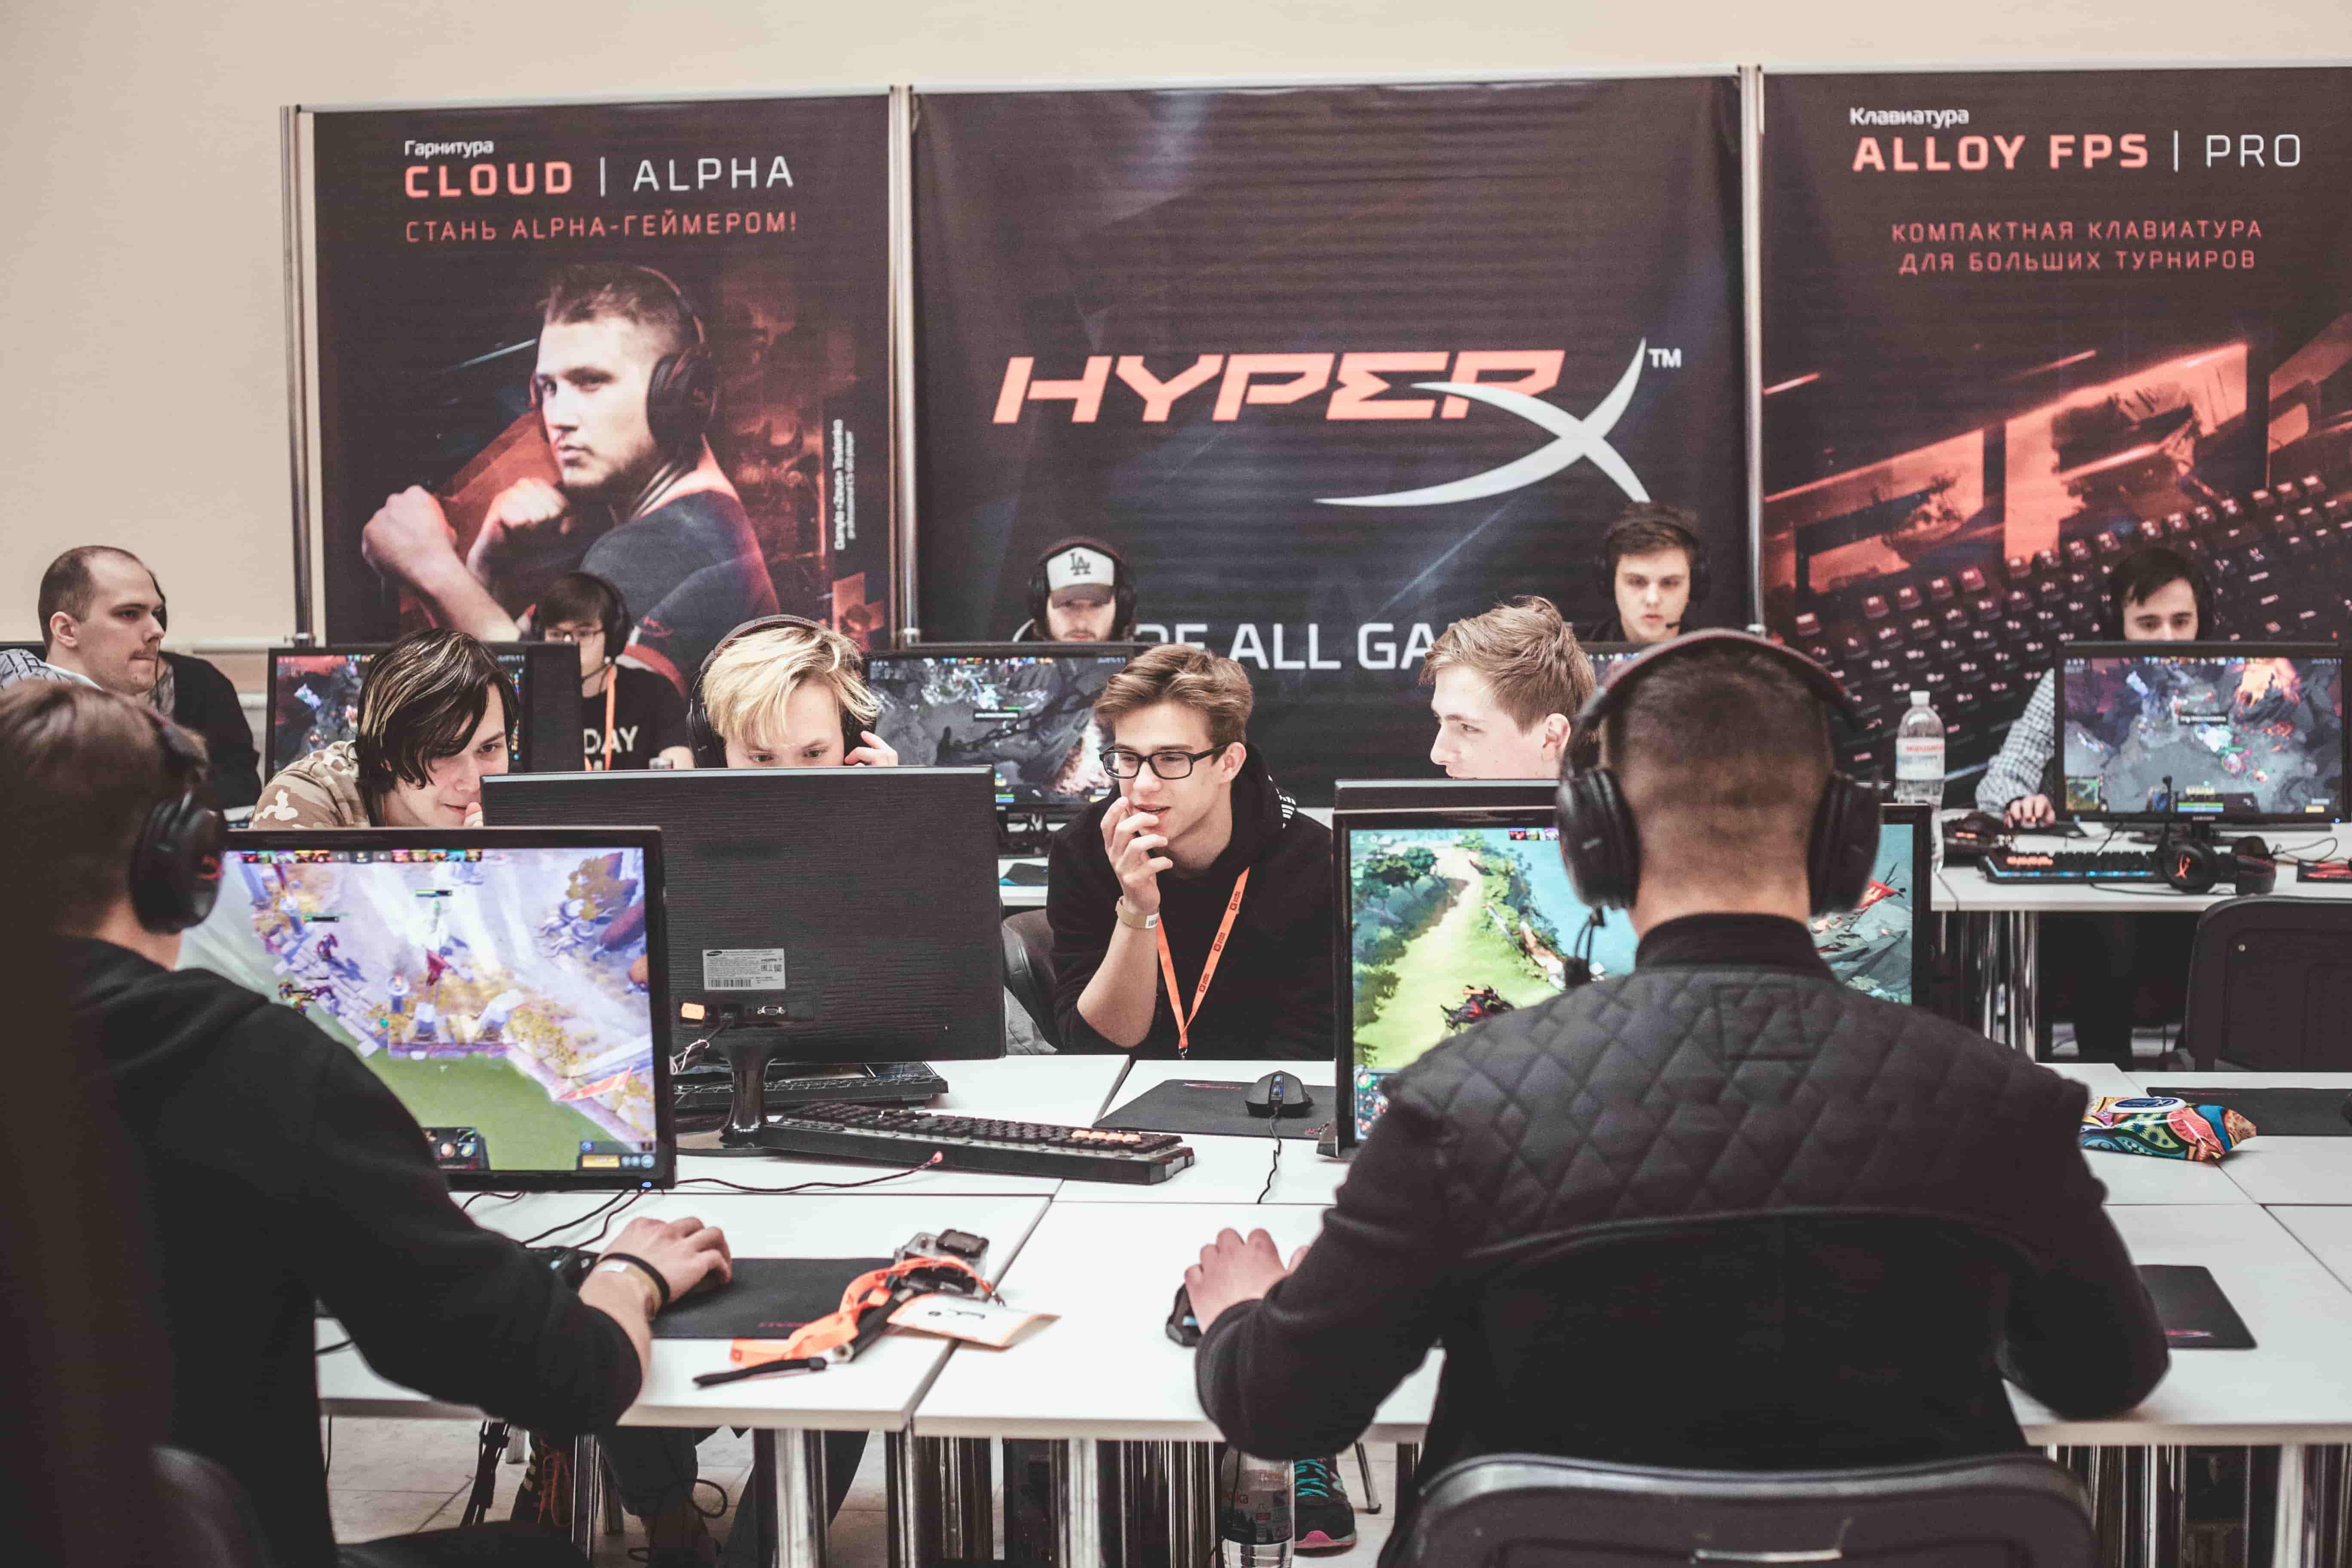 Фестиваль кіберспорту WeGame 5.0 в Києві 2019 | Турнір з кіберспорту в Україні - 3